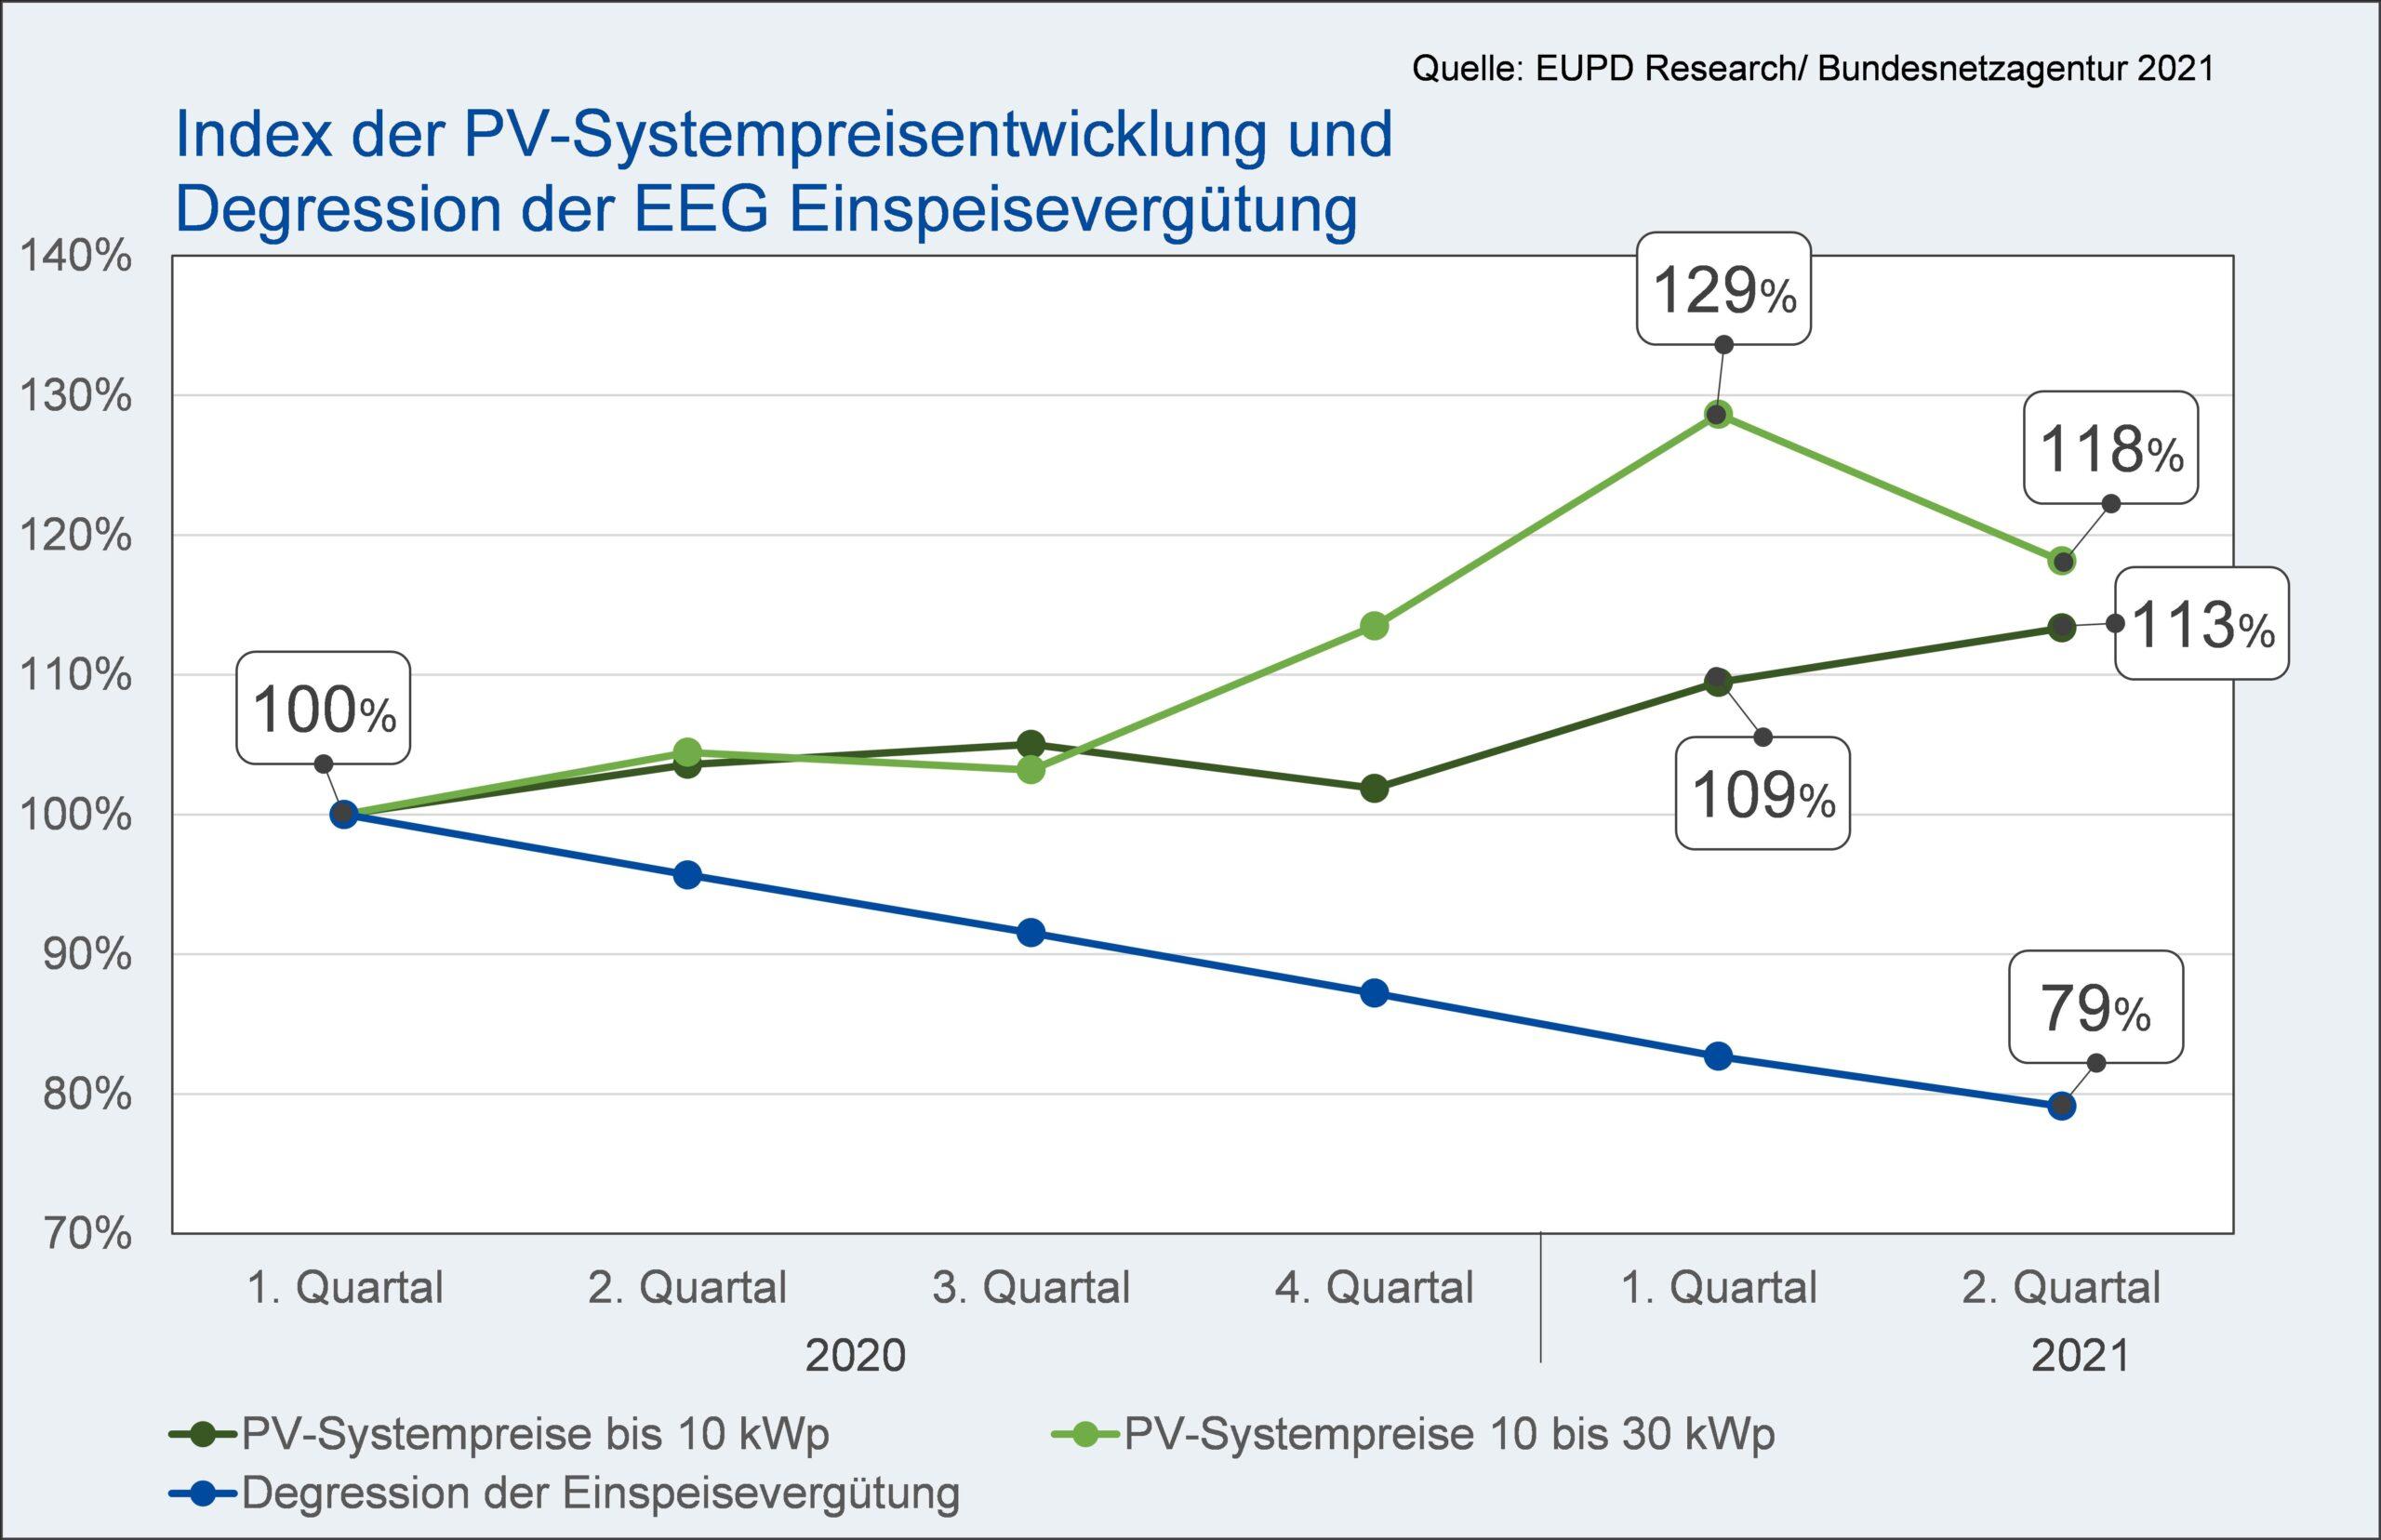 Index der PV Systempreisentwicklung in Abhängigkeit von Systemgröße